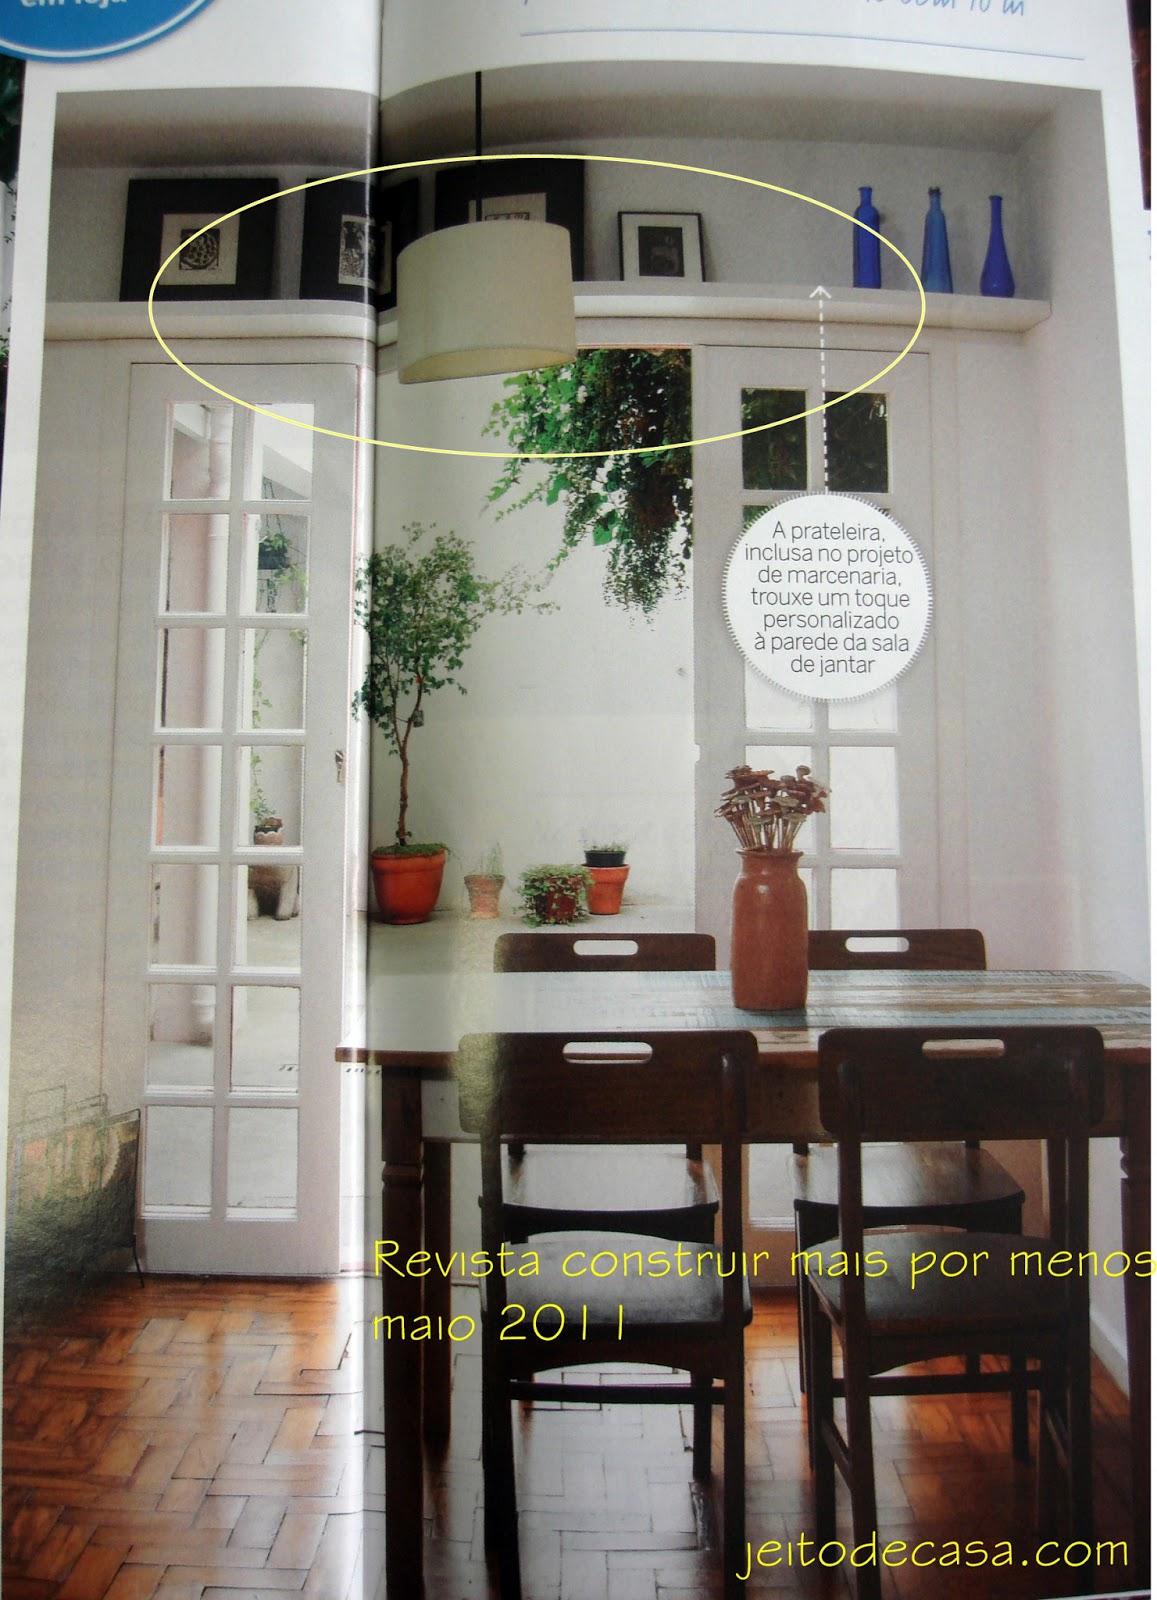 Ideias decorativas com prateleiras jeito de casa blog for Mamparas decorativas para casa